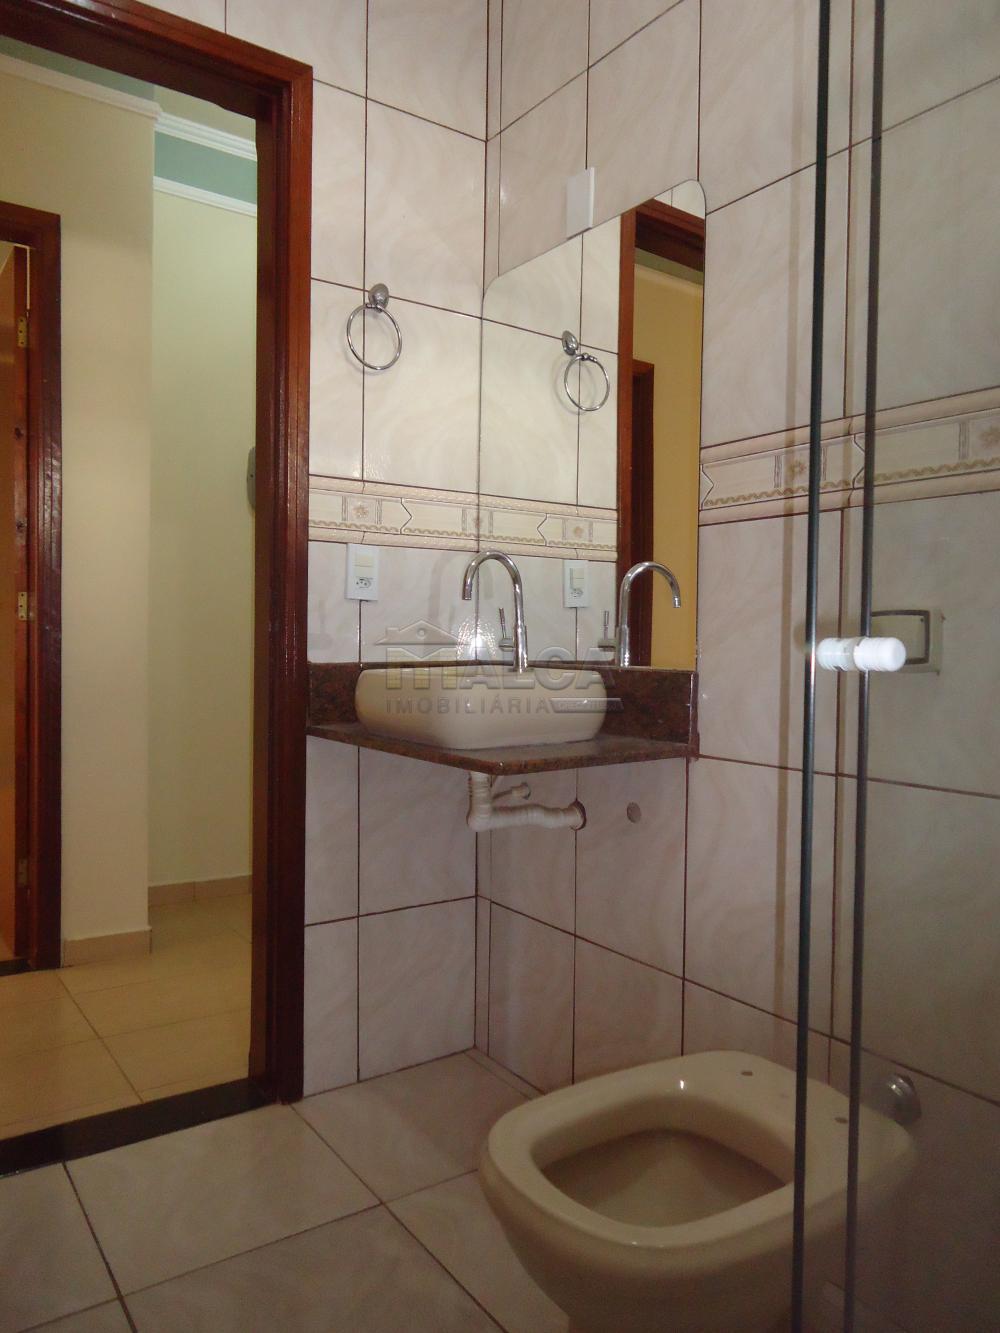 Alugar Casas / Padrão em São José do Rio Pardo R$ 1.500,00 - Foto 29